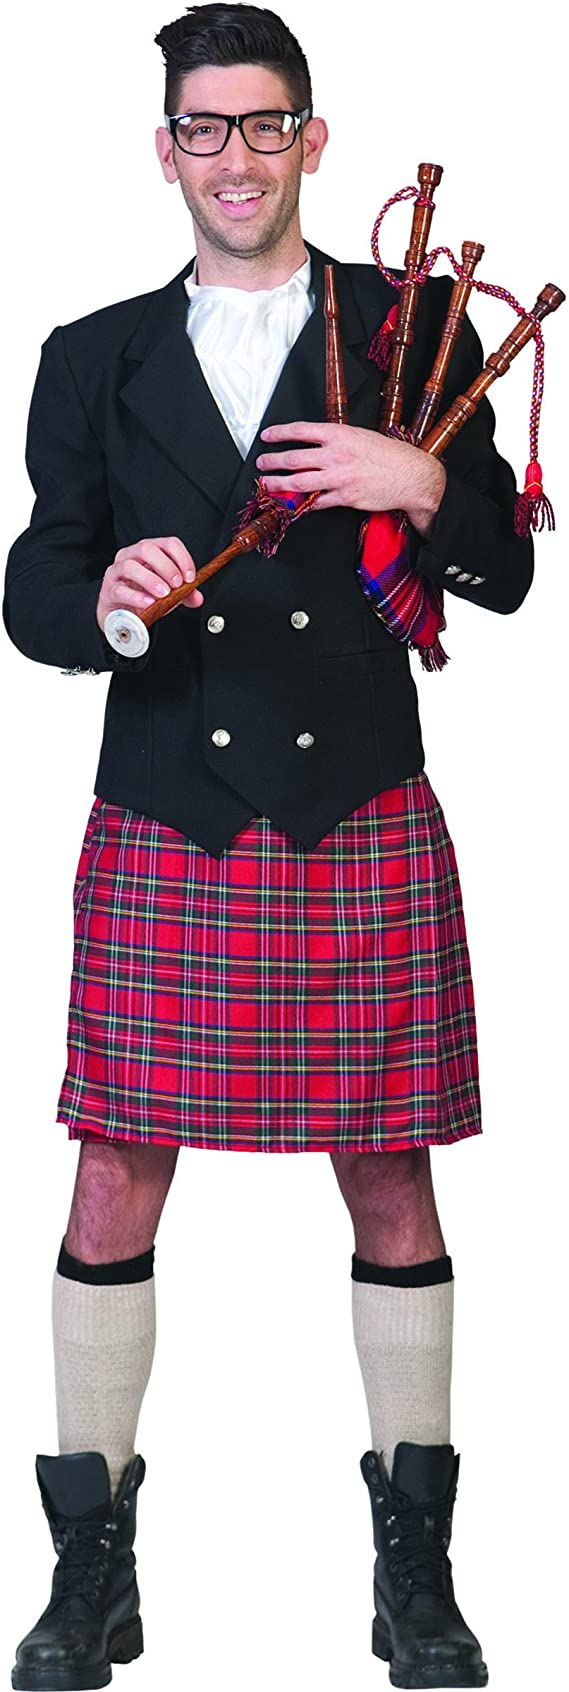 Disfraz traje escocés hombre - M / L: Amazon.es: Juguetes y juegos